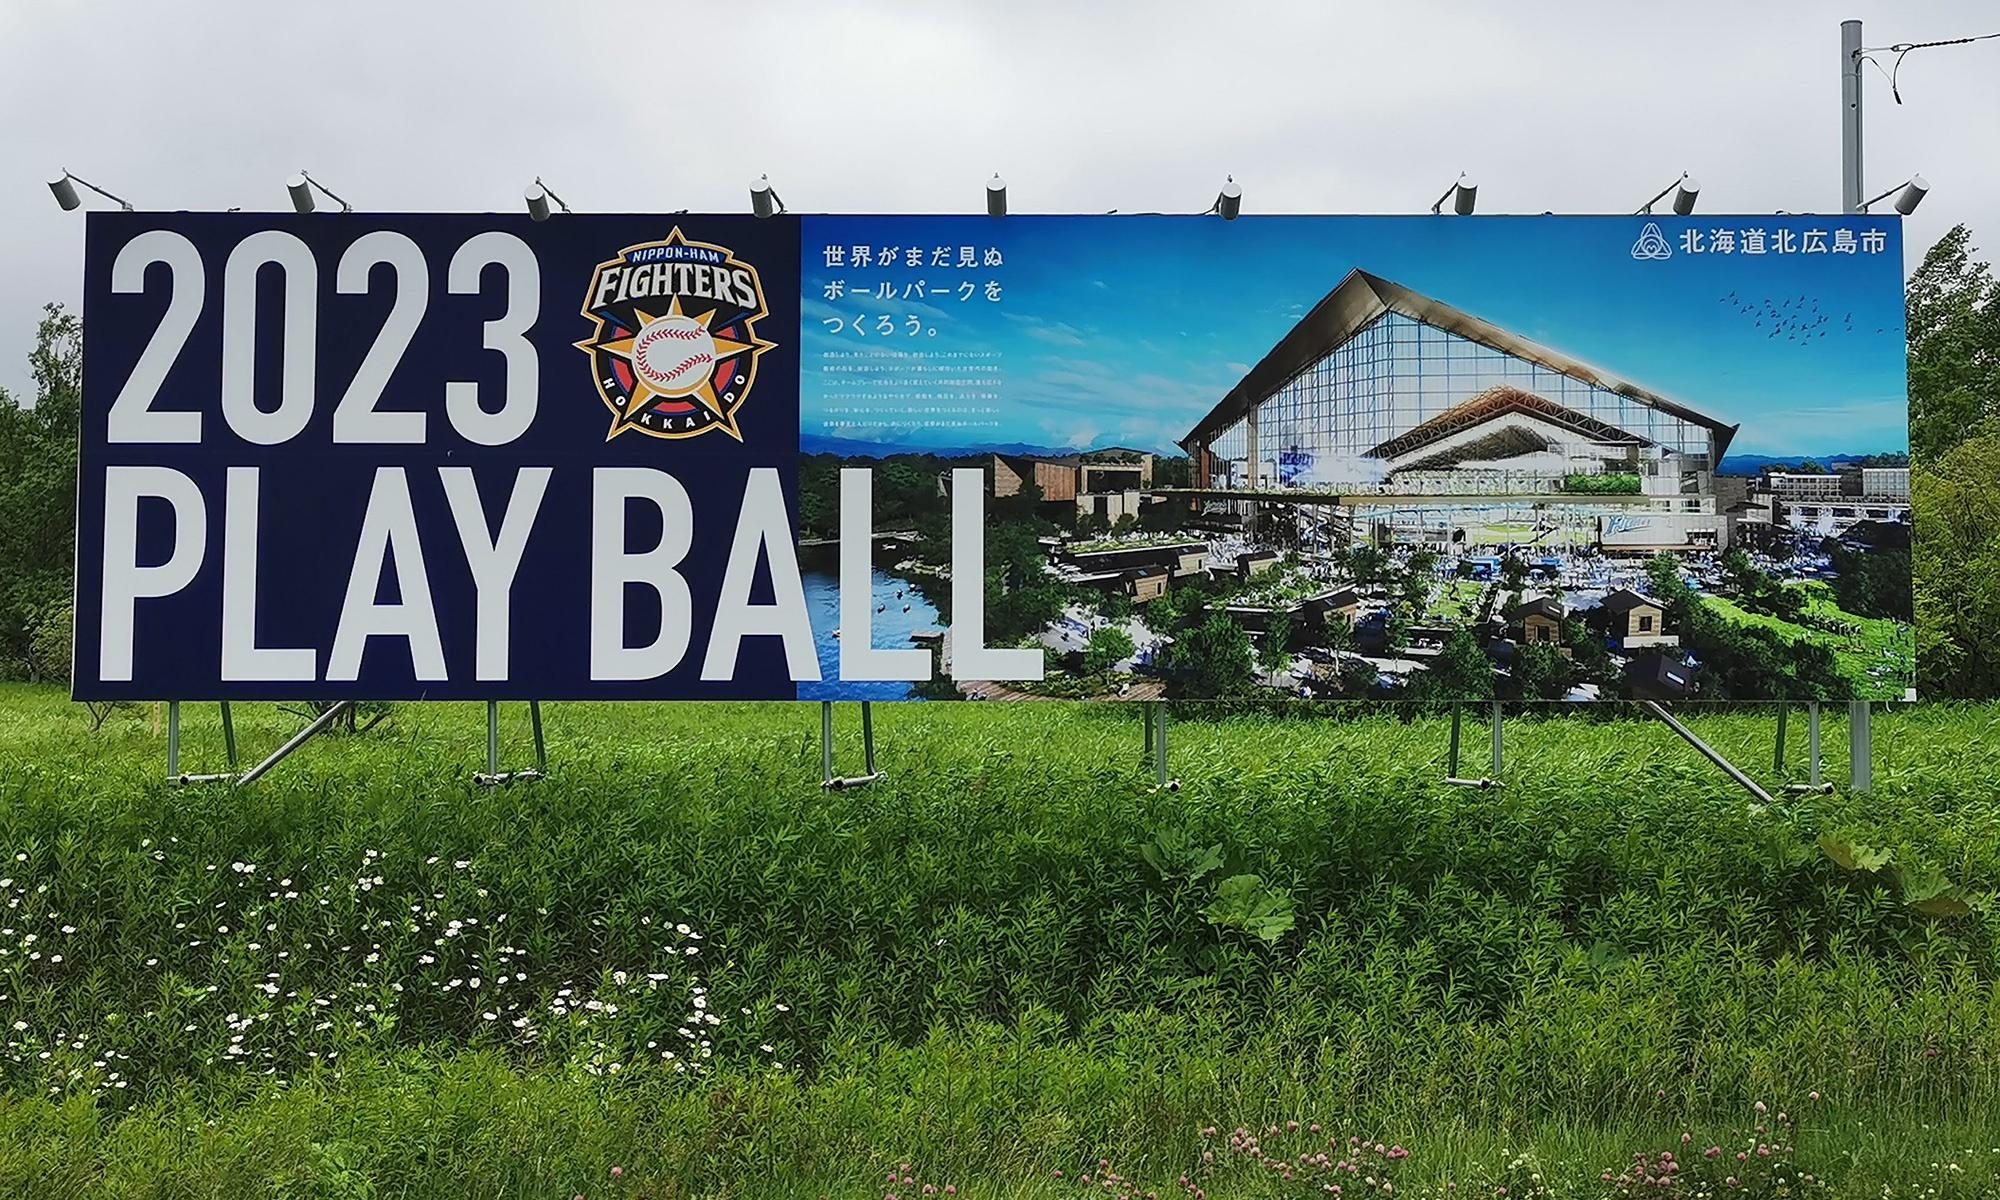 今日の北海道ボールパーク建設予定地(2019年6月15日)